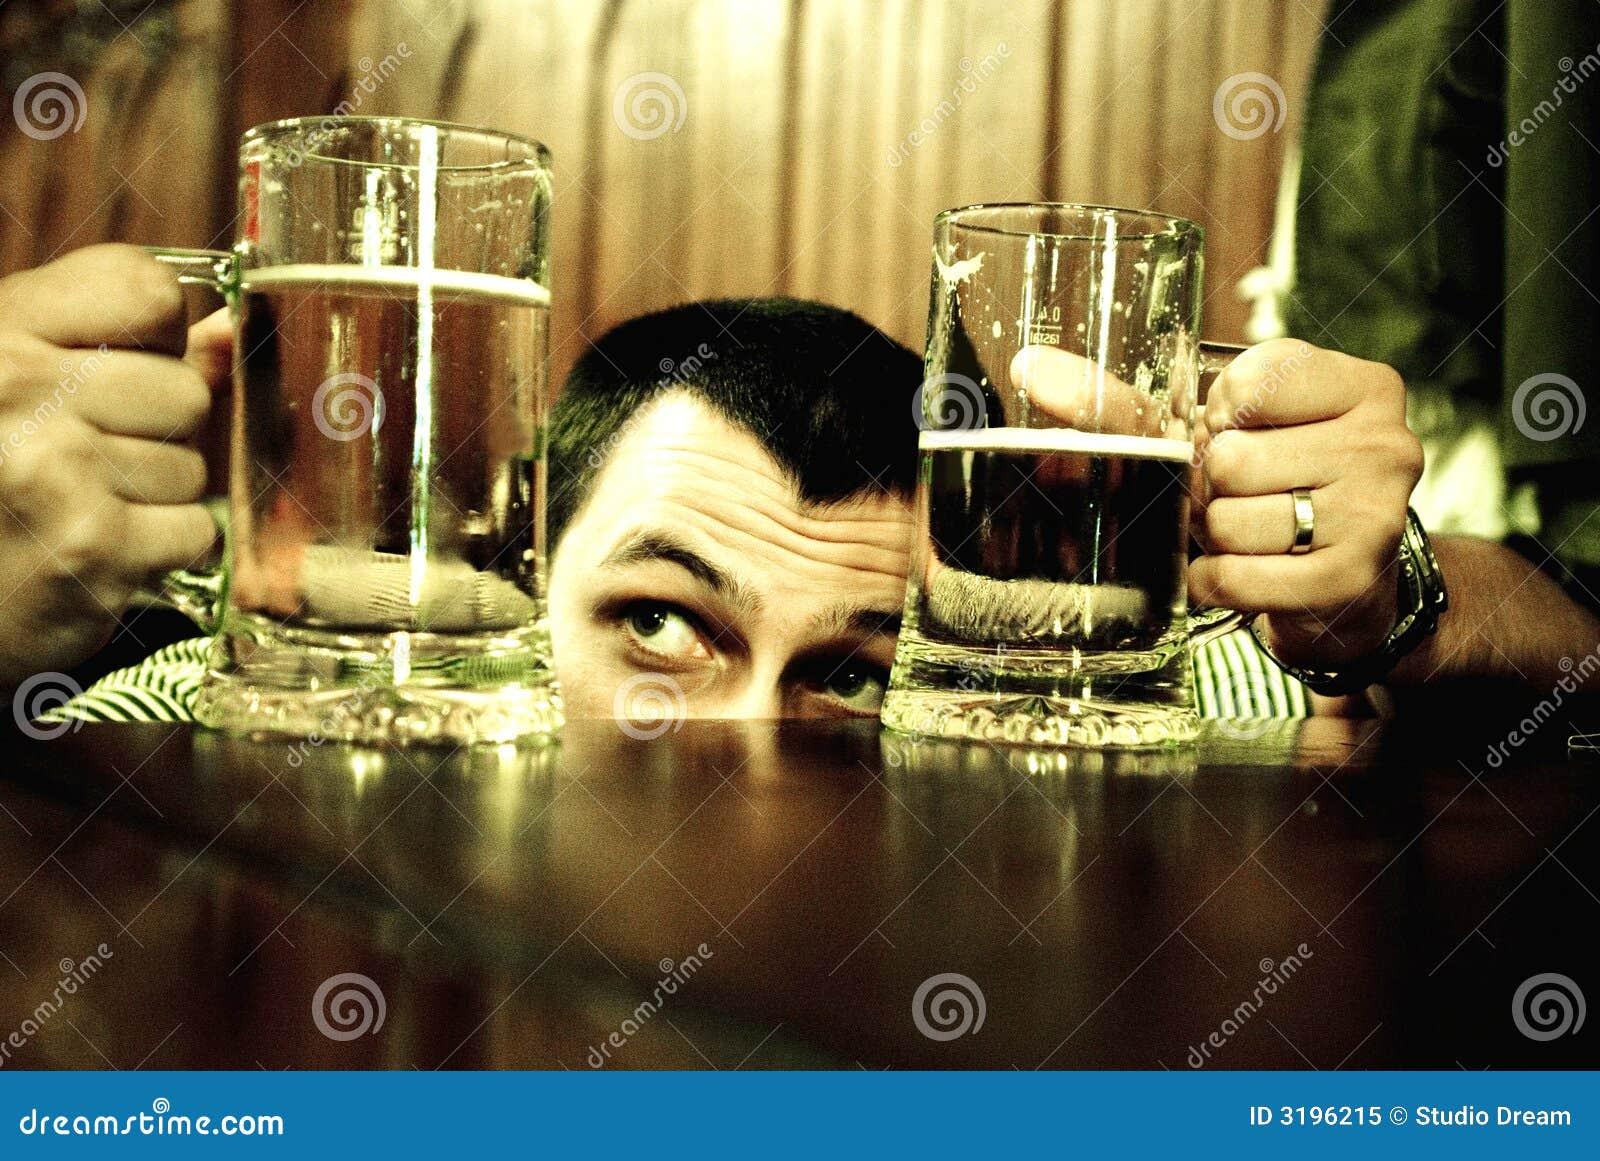 пиво сравнивая кружки человека